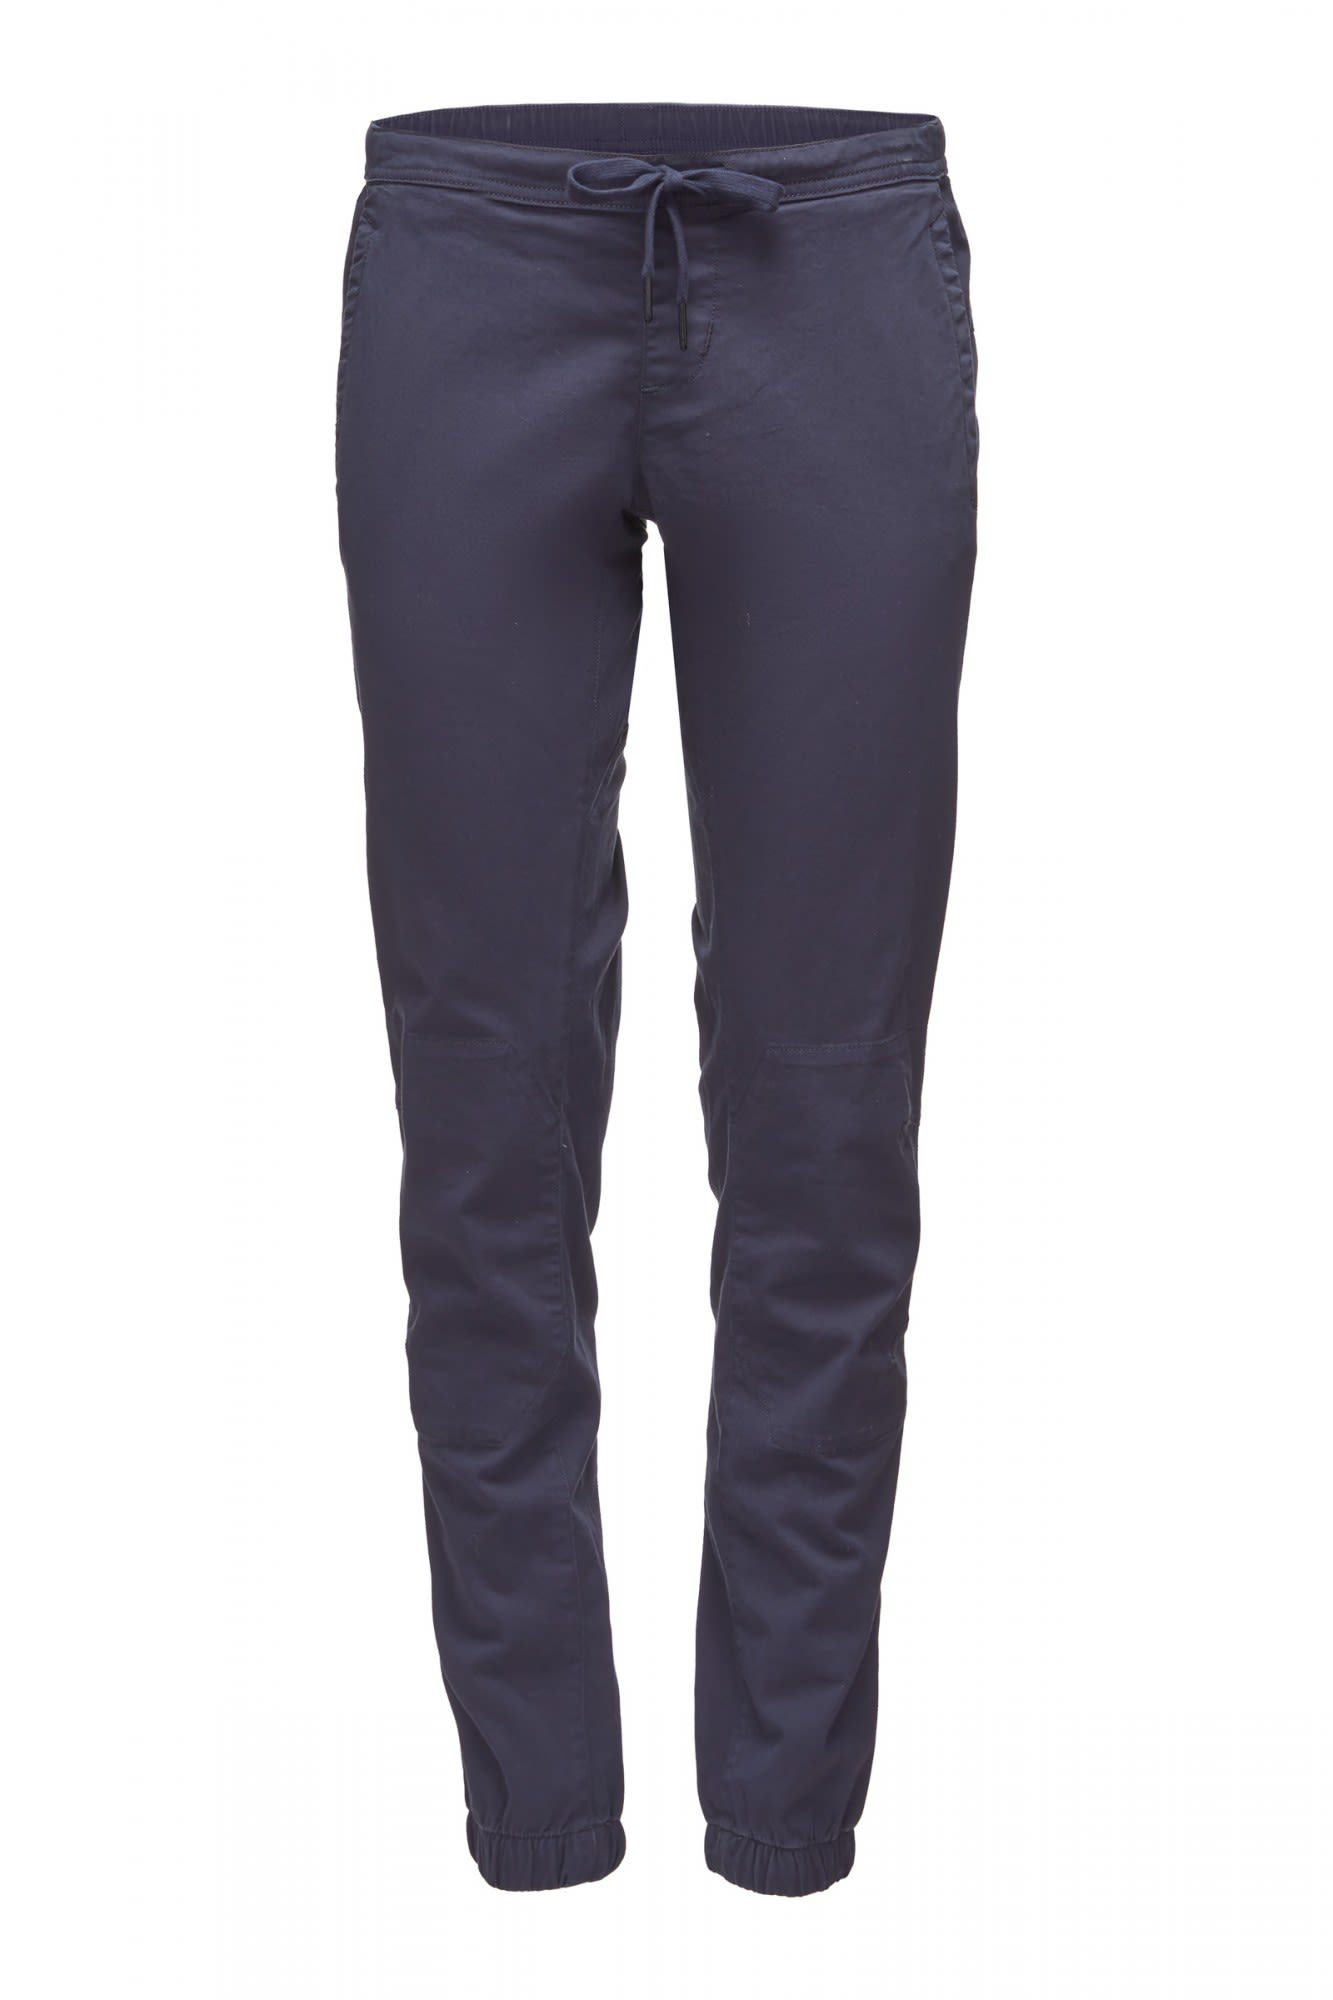 Black Diamond W Notion Pants | Größe XS,S,M,L,XL | Damen Hose